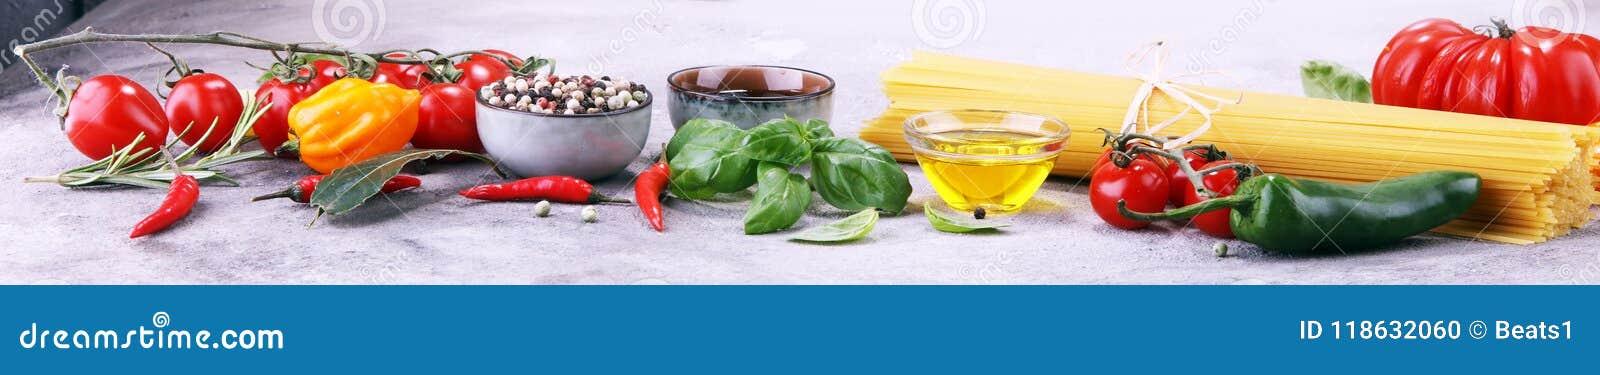 Italiensk matbakgrund med olika typer av pasta, hälsa eller